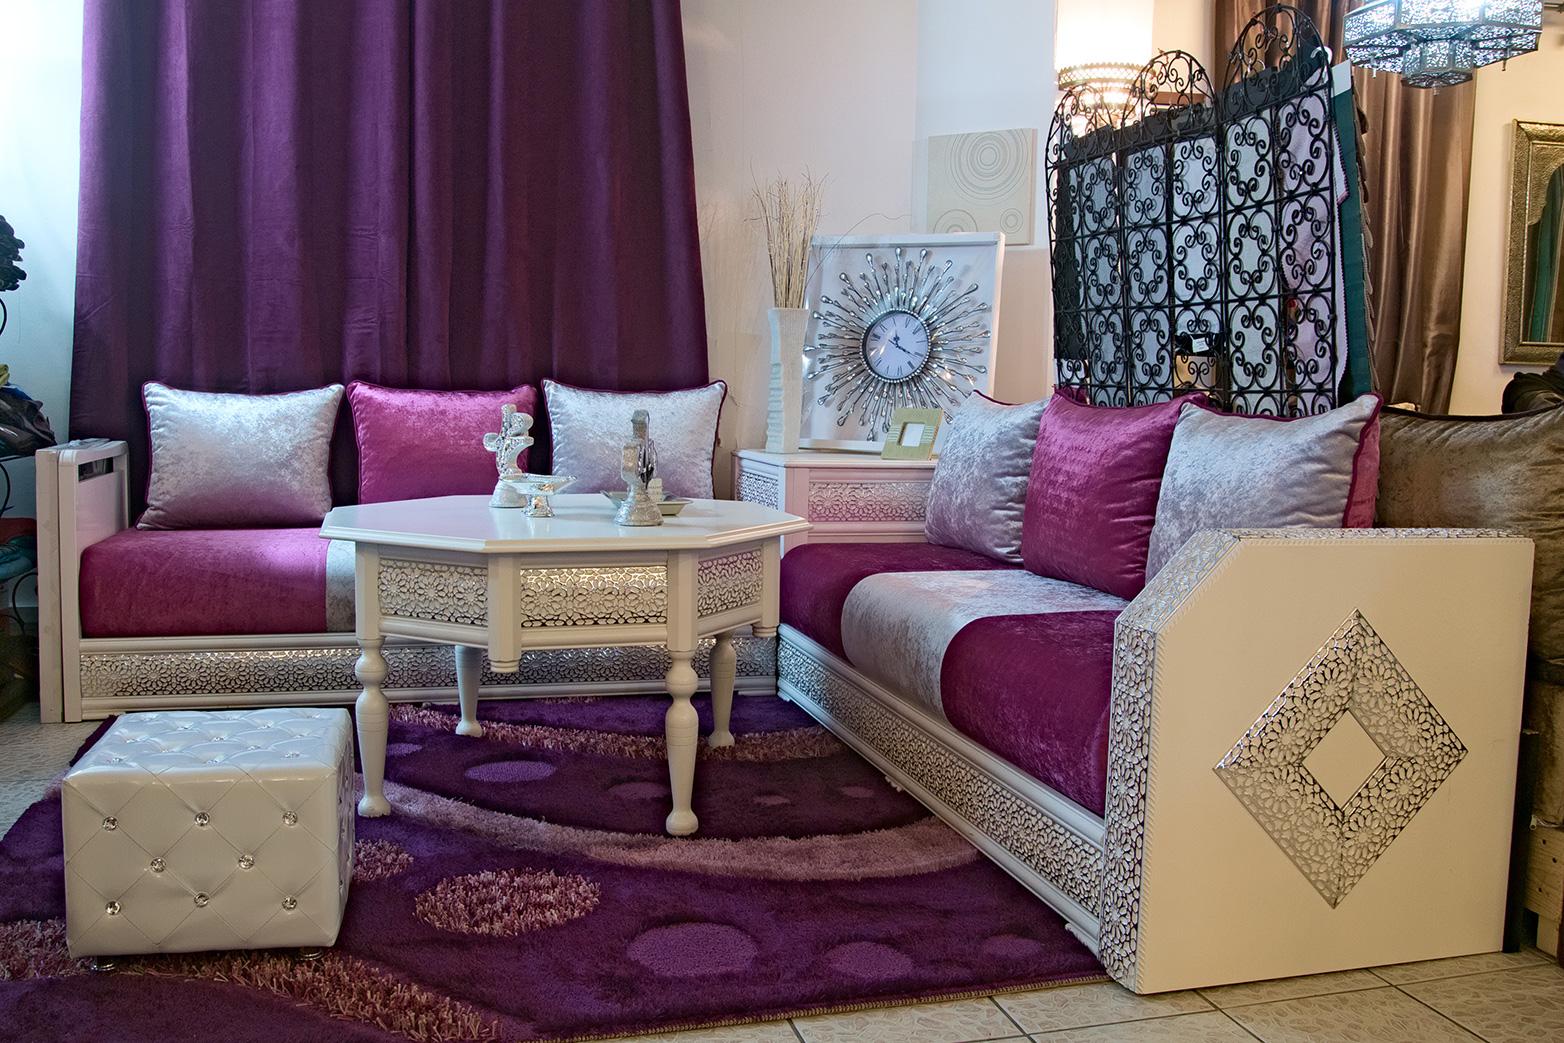 Salon marocain pas cher vendre en france d cor salon marocain - Faire un salon marocain ...